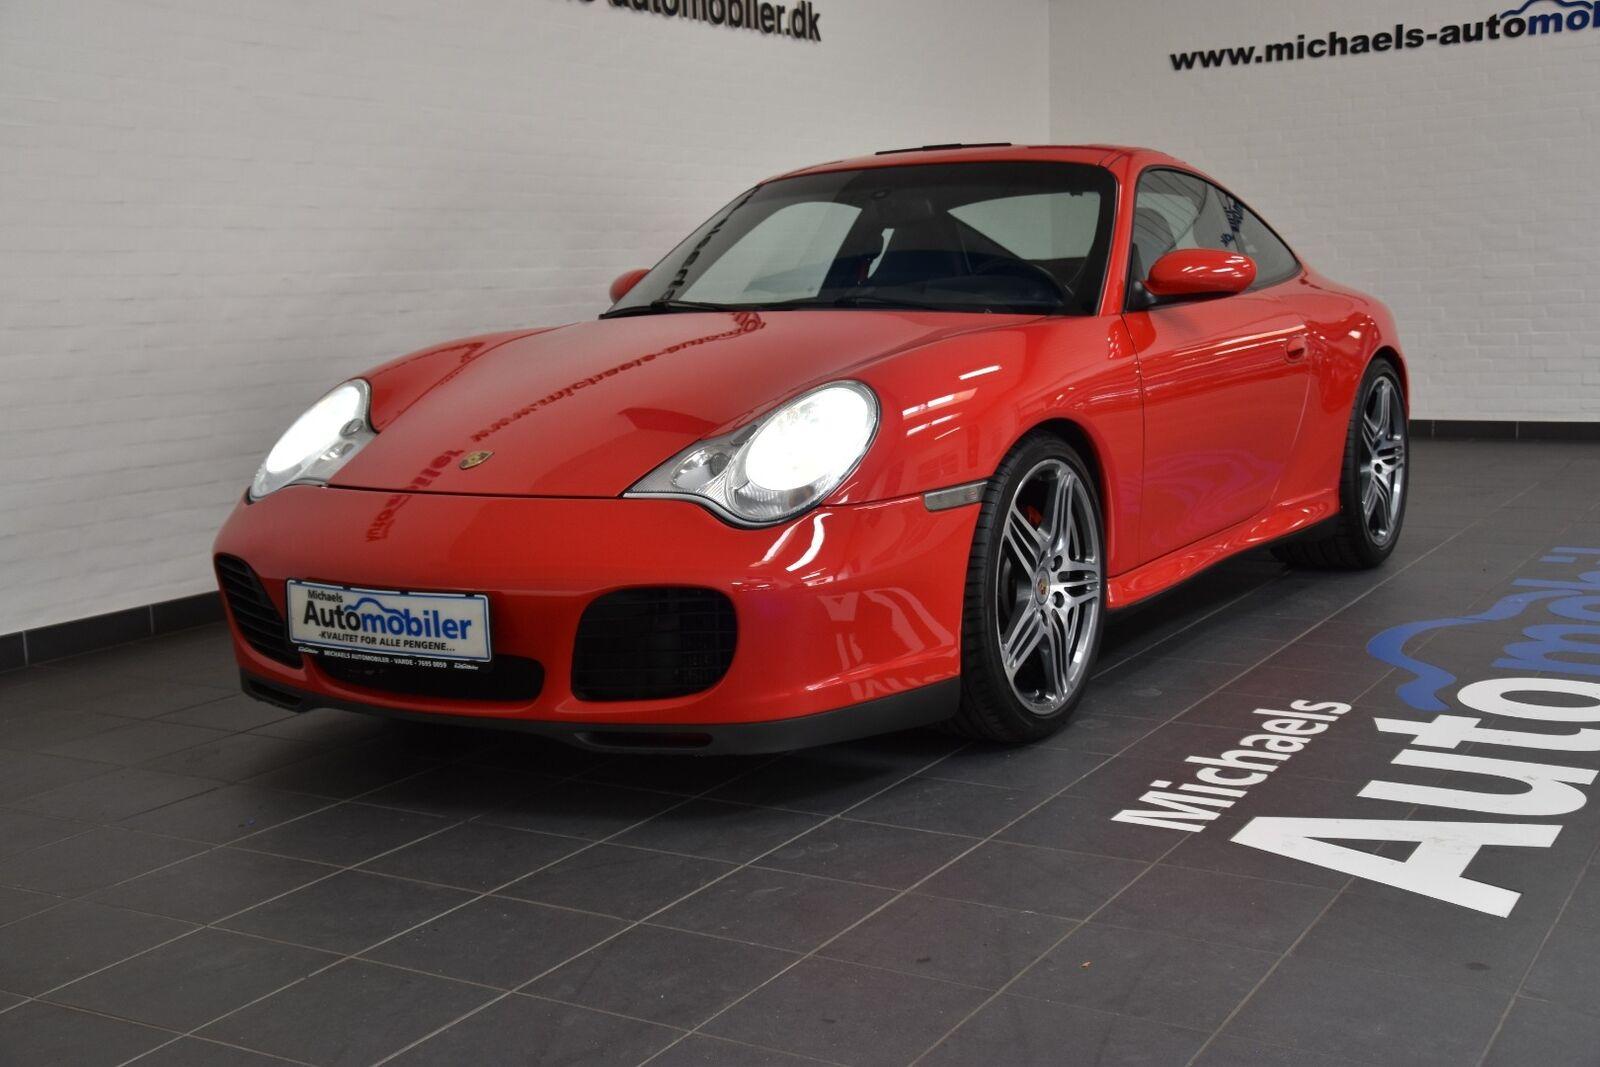 Porsche 911 Carrera 4S 3,6 Coupé 2d - 3.852 kr.